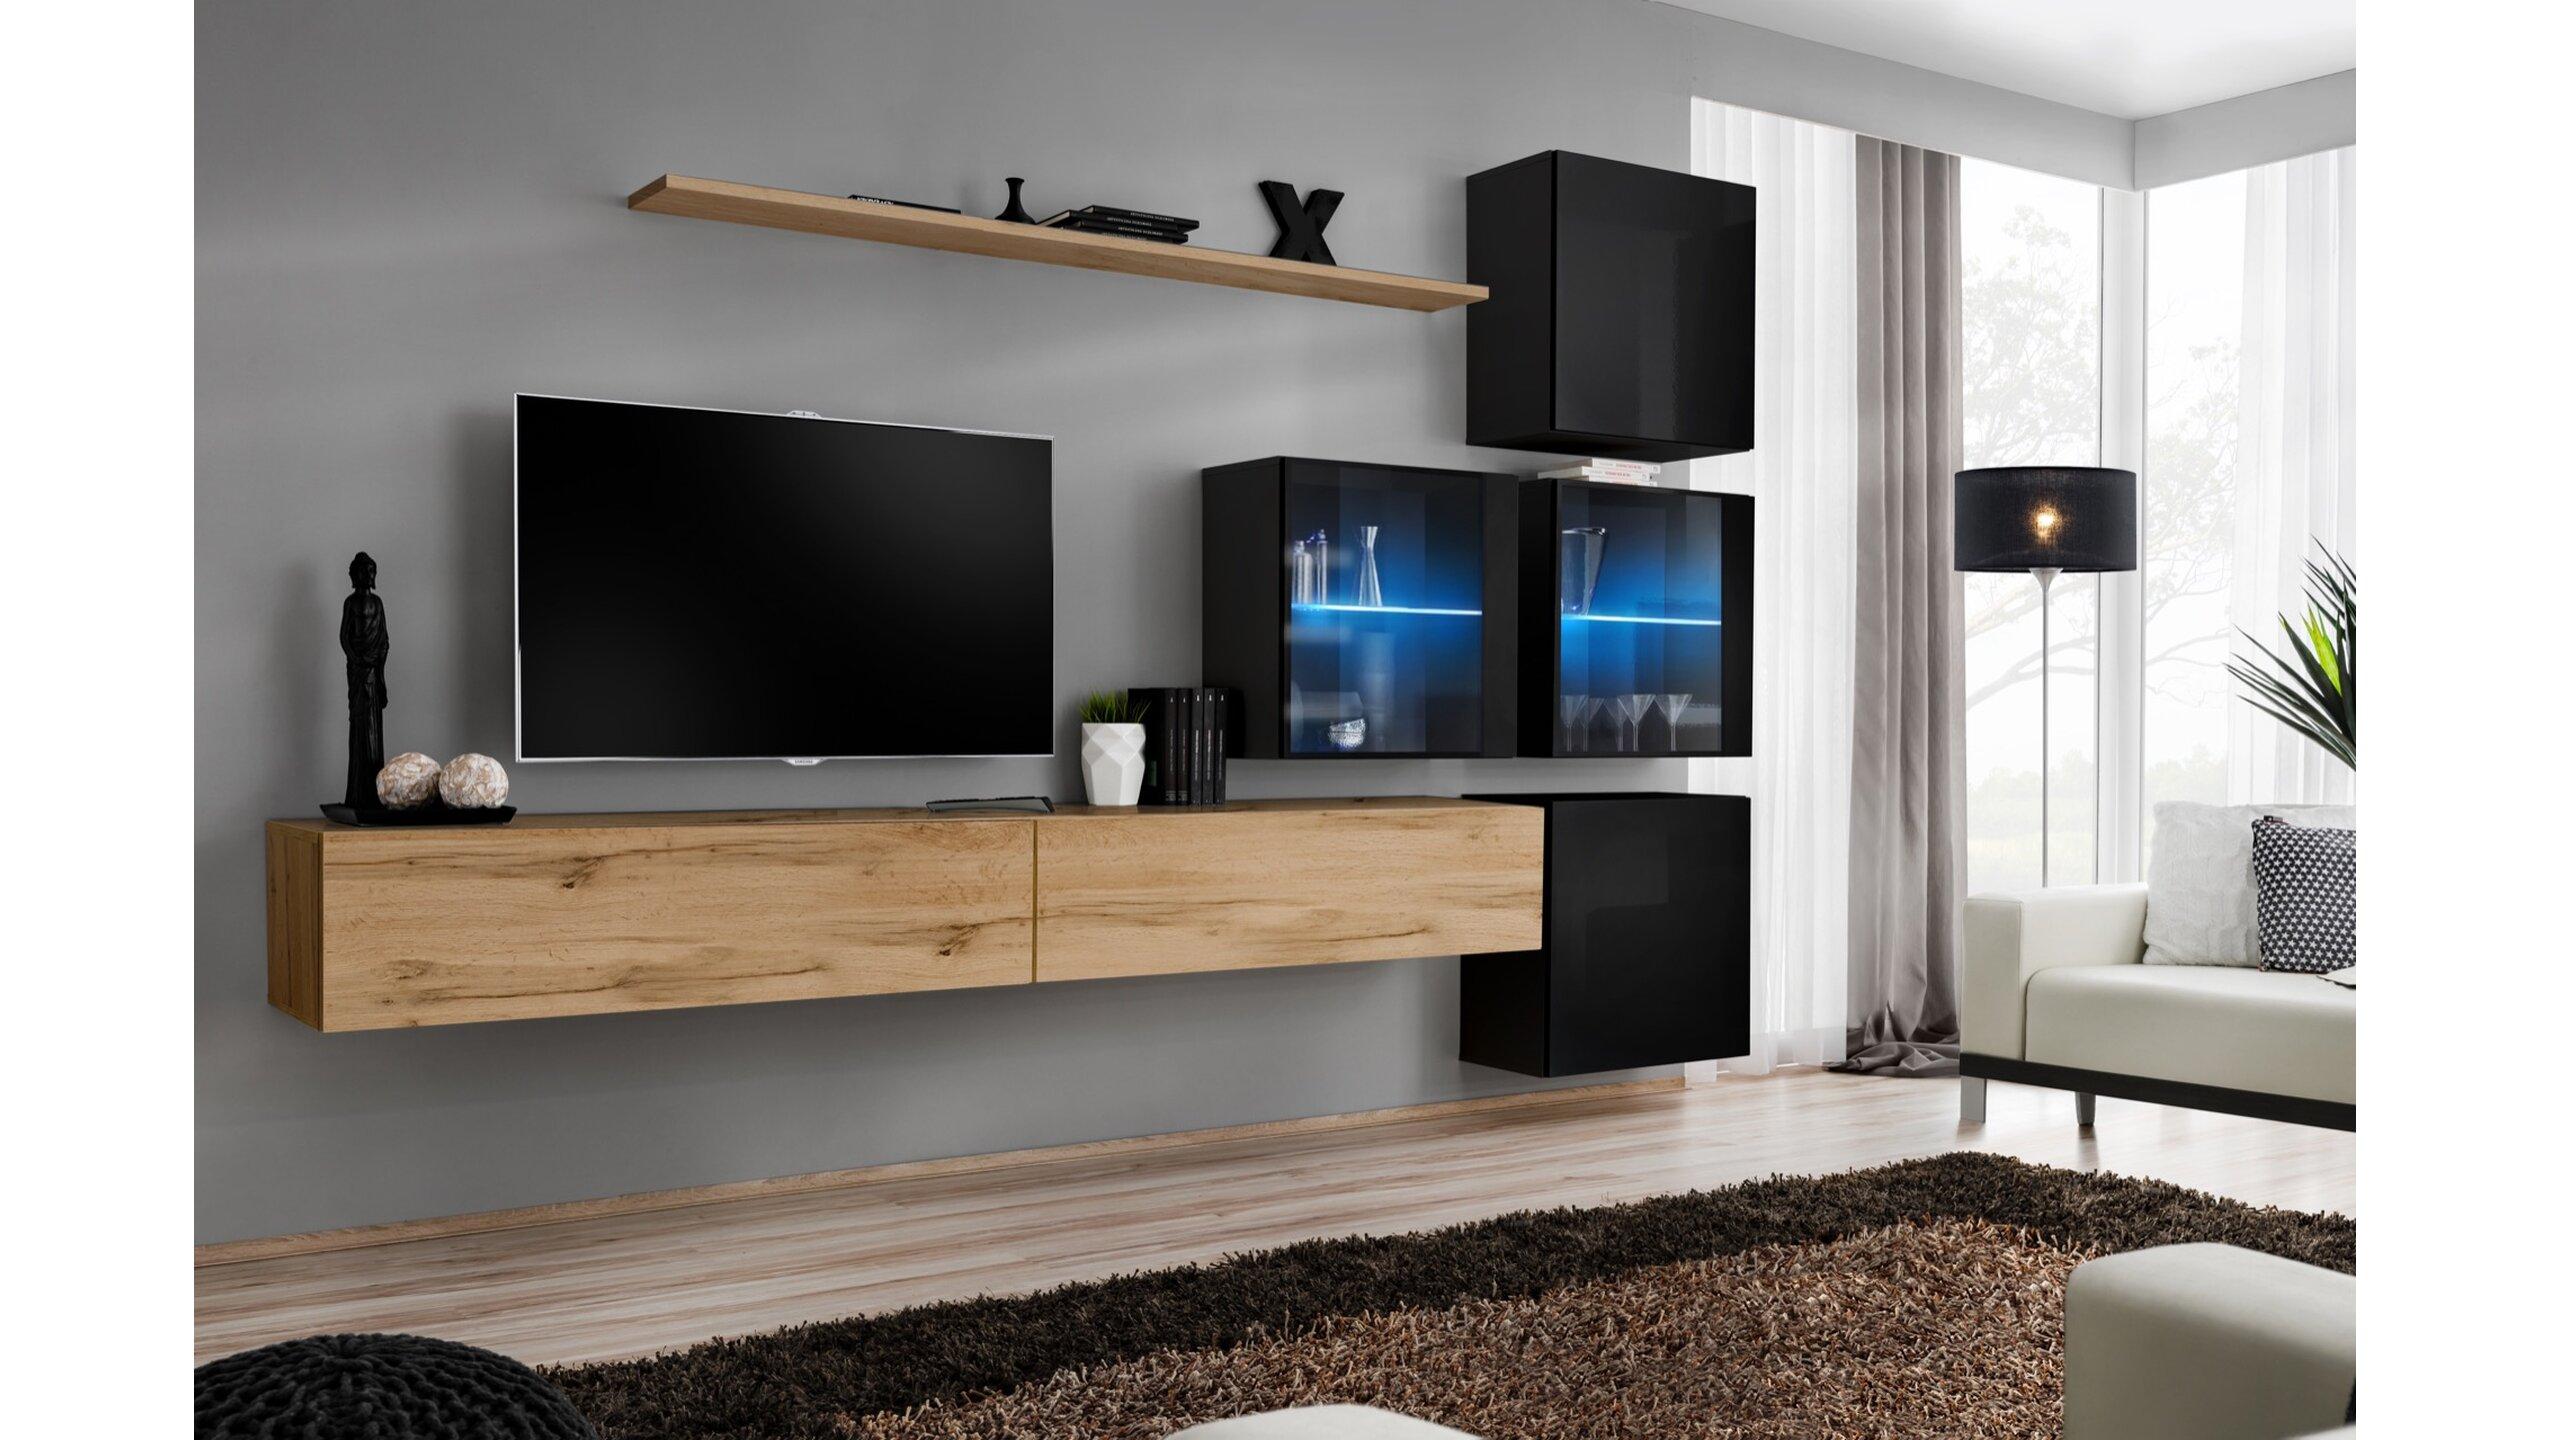 Stylefy Swotch XIX Wohnwand Wotan Eiche   Schwarz   Möbel online kaufen » jetzt